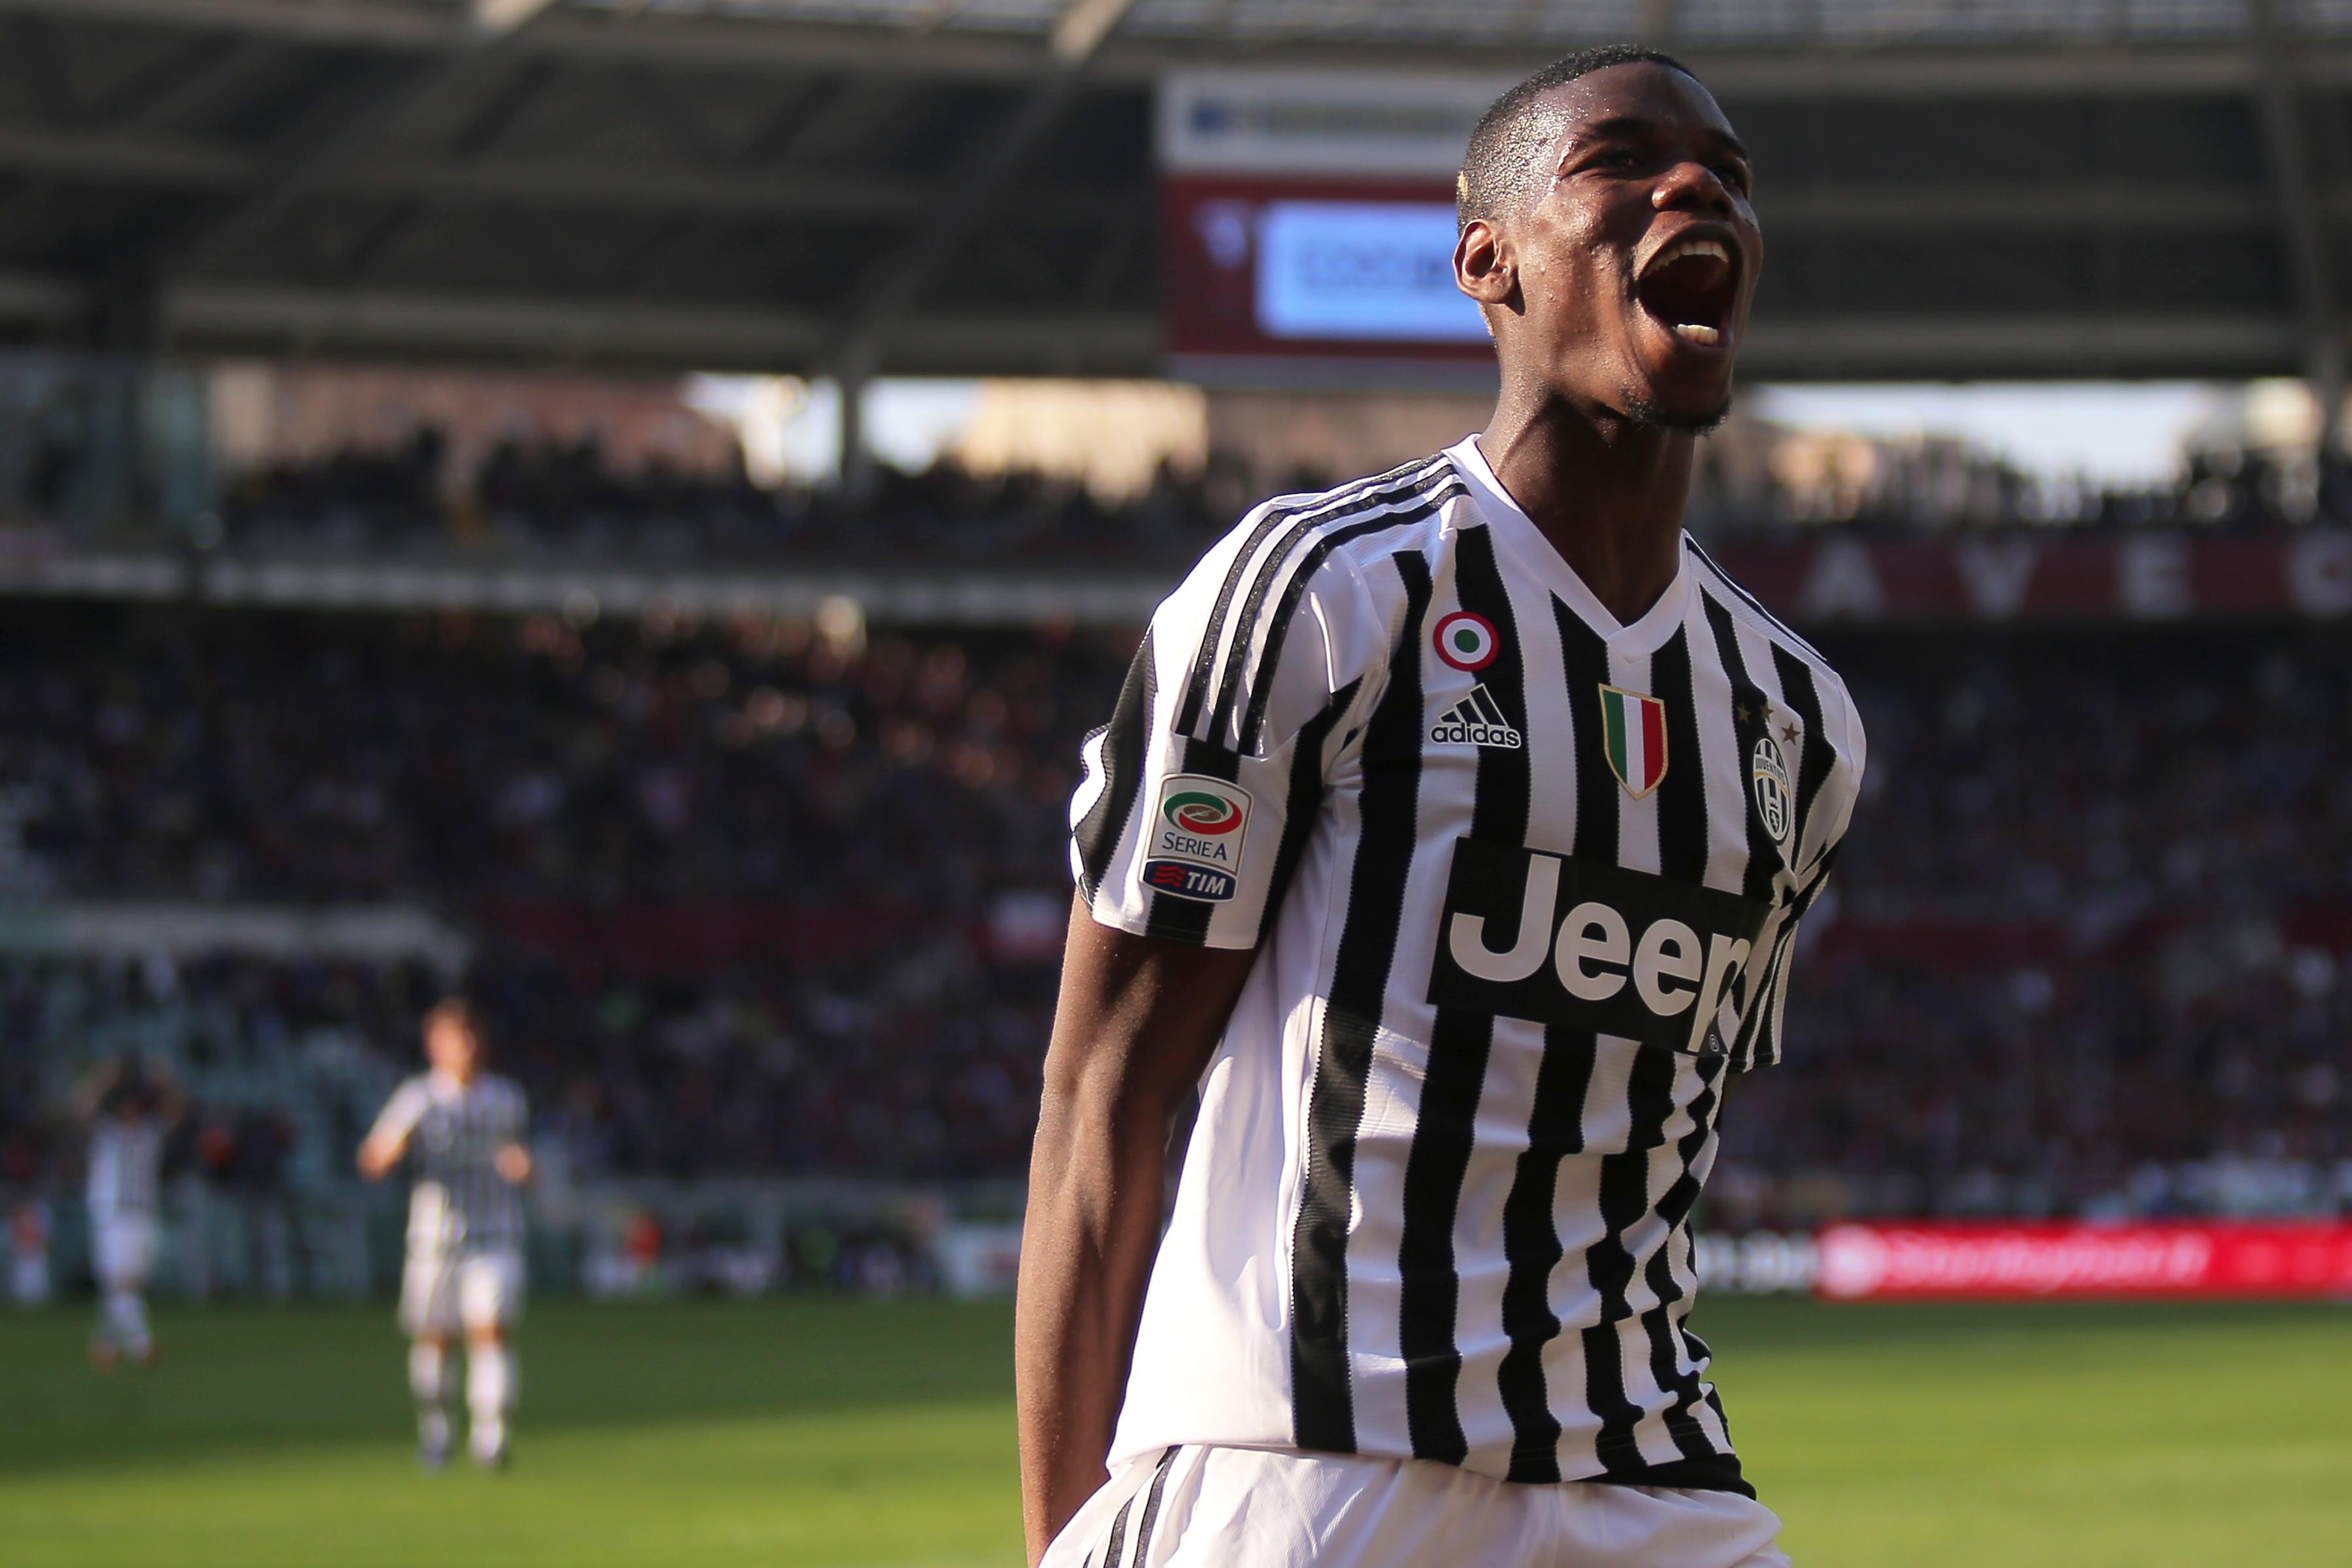 Paul Pogba, 6 gol e 8 assist quest'anno con la maglia della Juventus in Serie A